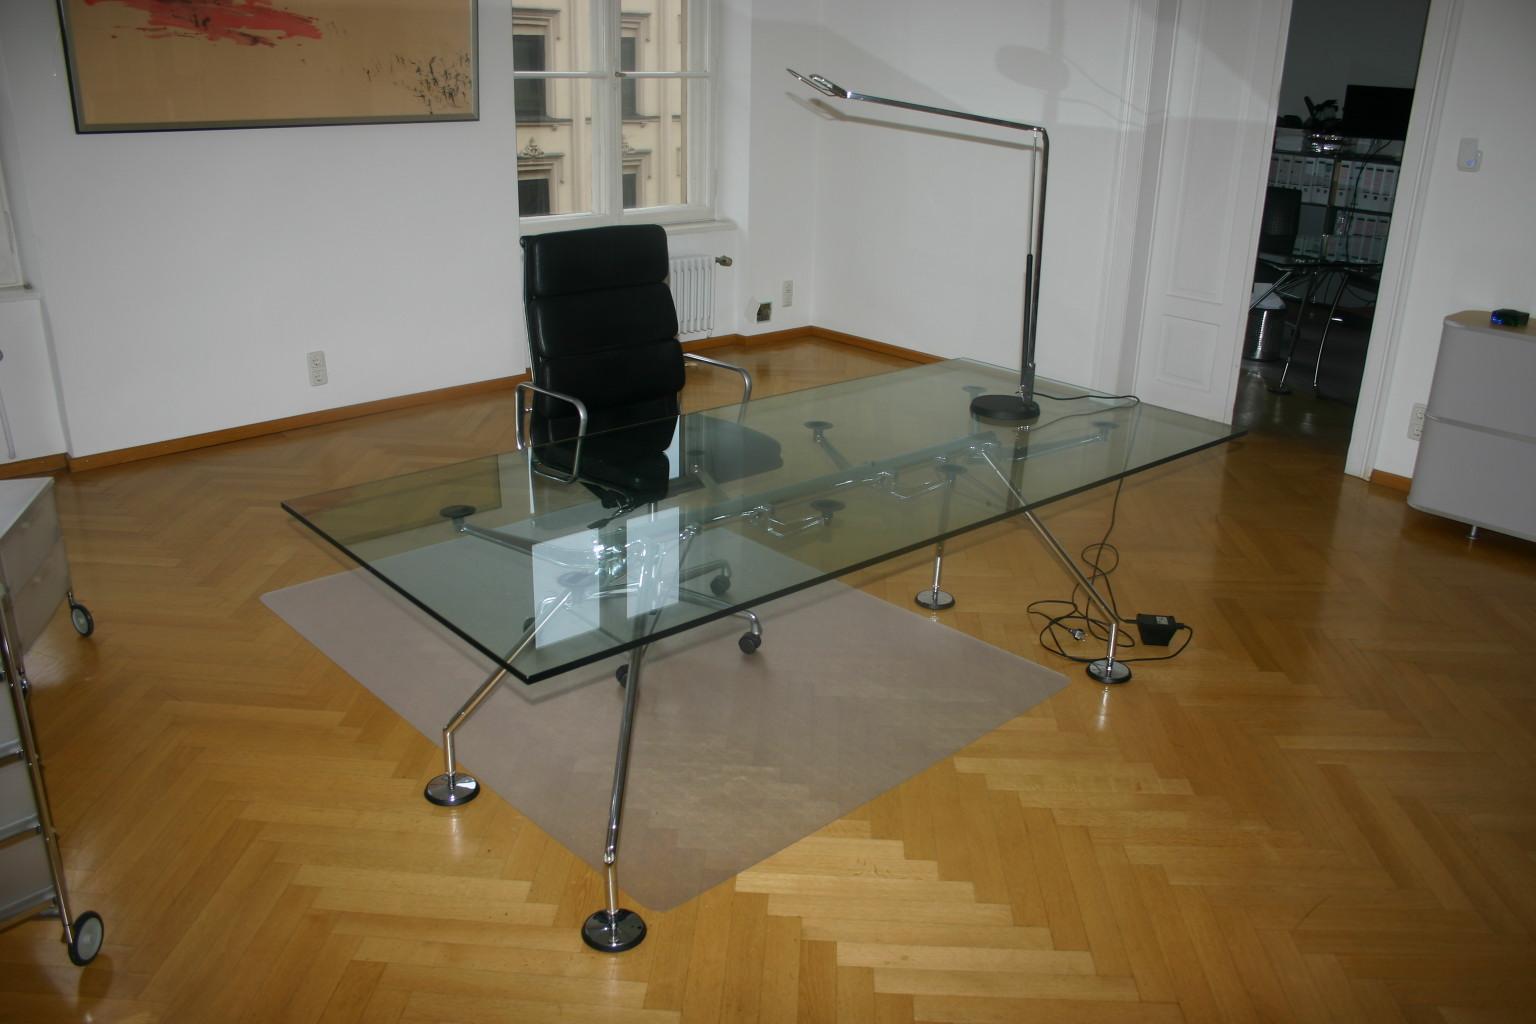 glasplatte f r konferenztisch schreibtisch von tecno modell nomos konferenztische tische. Black Bedroom Furniture Sets. Home Design Ideas